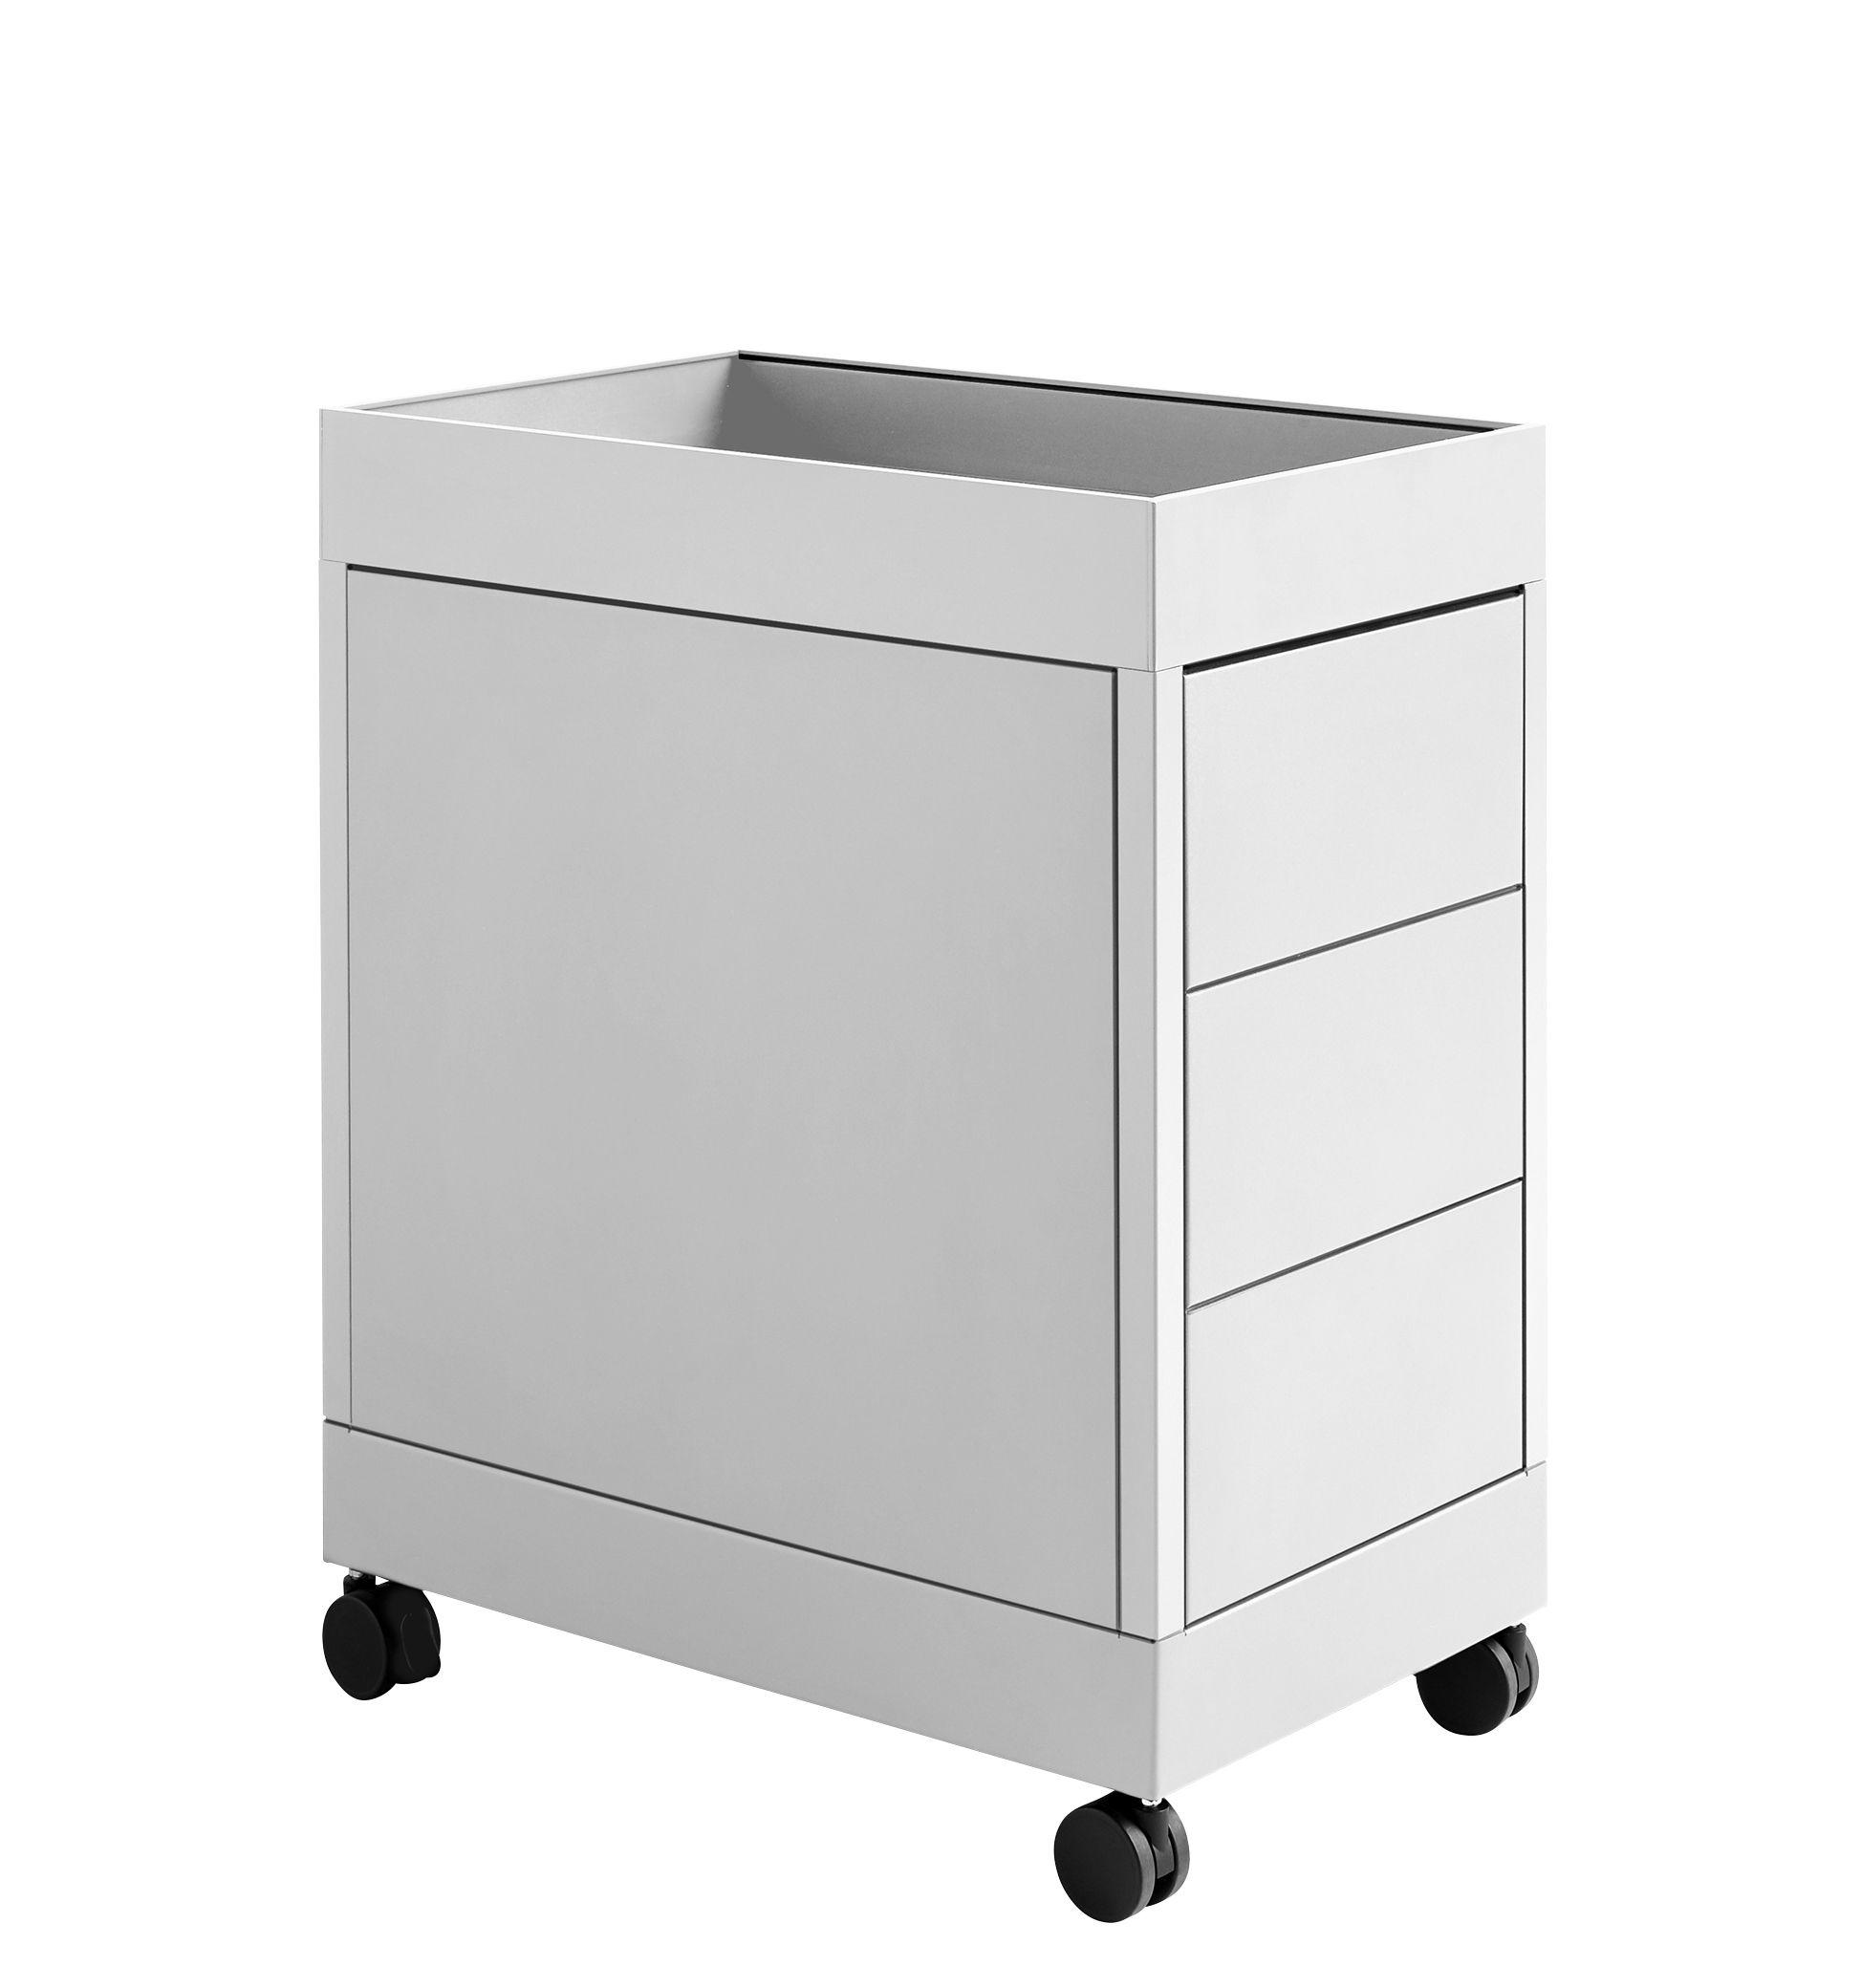 Arredamento - Raccoglitori - Cassettiera con rotelle New Order - / 3 cassetti di Hay - Grigio chiaro - Acciaio laccato